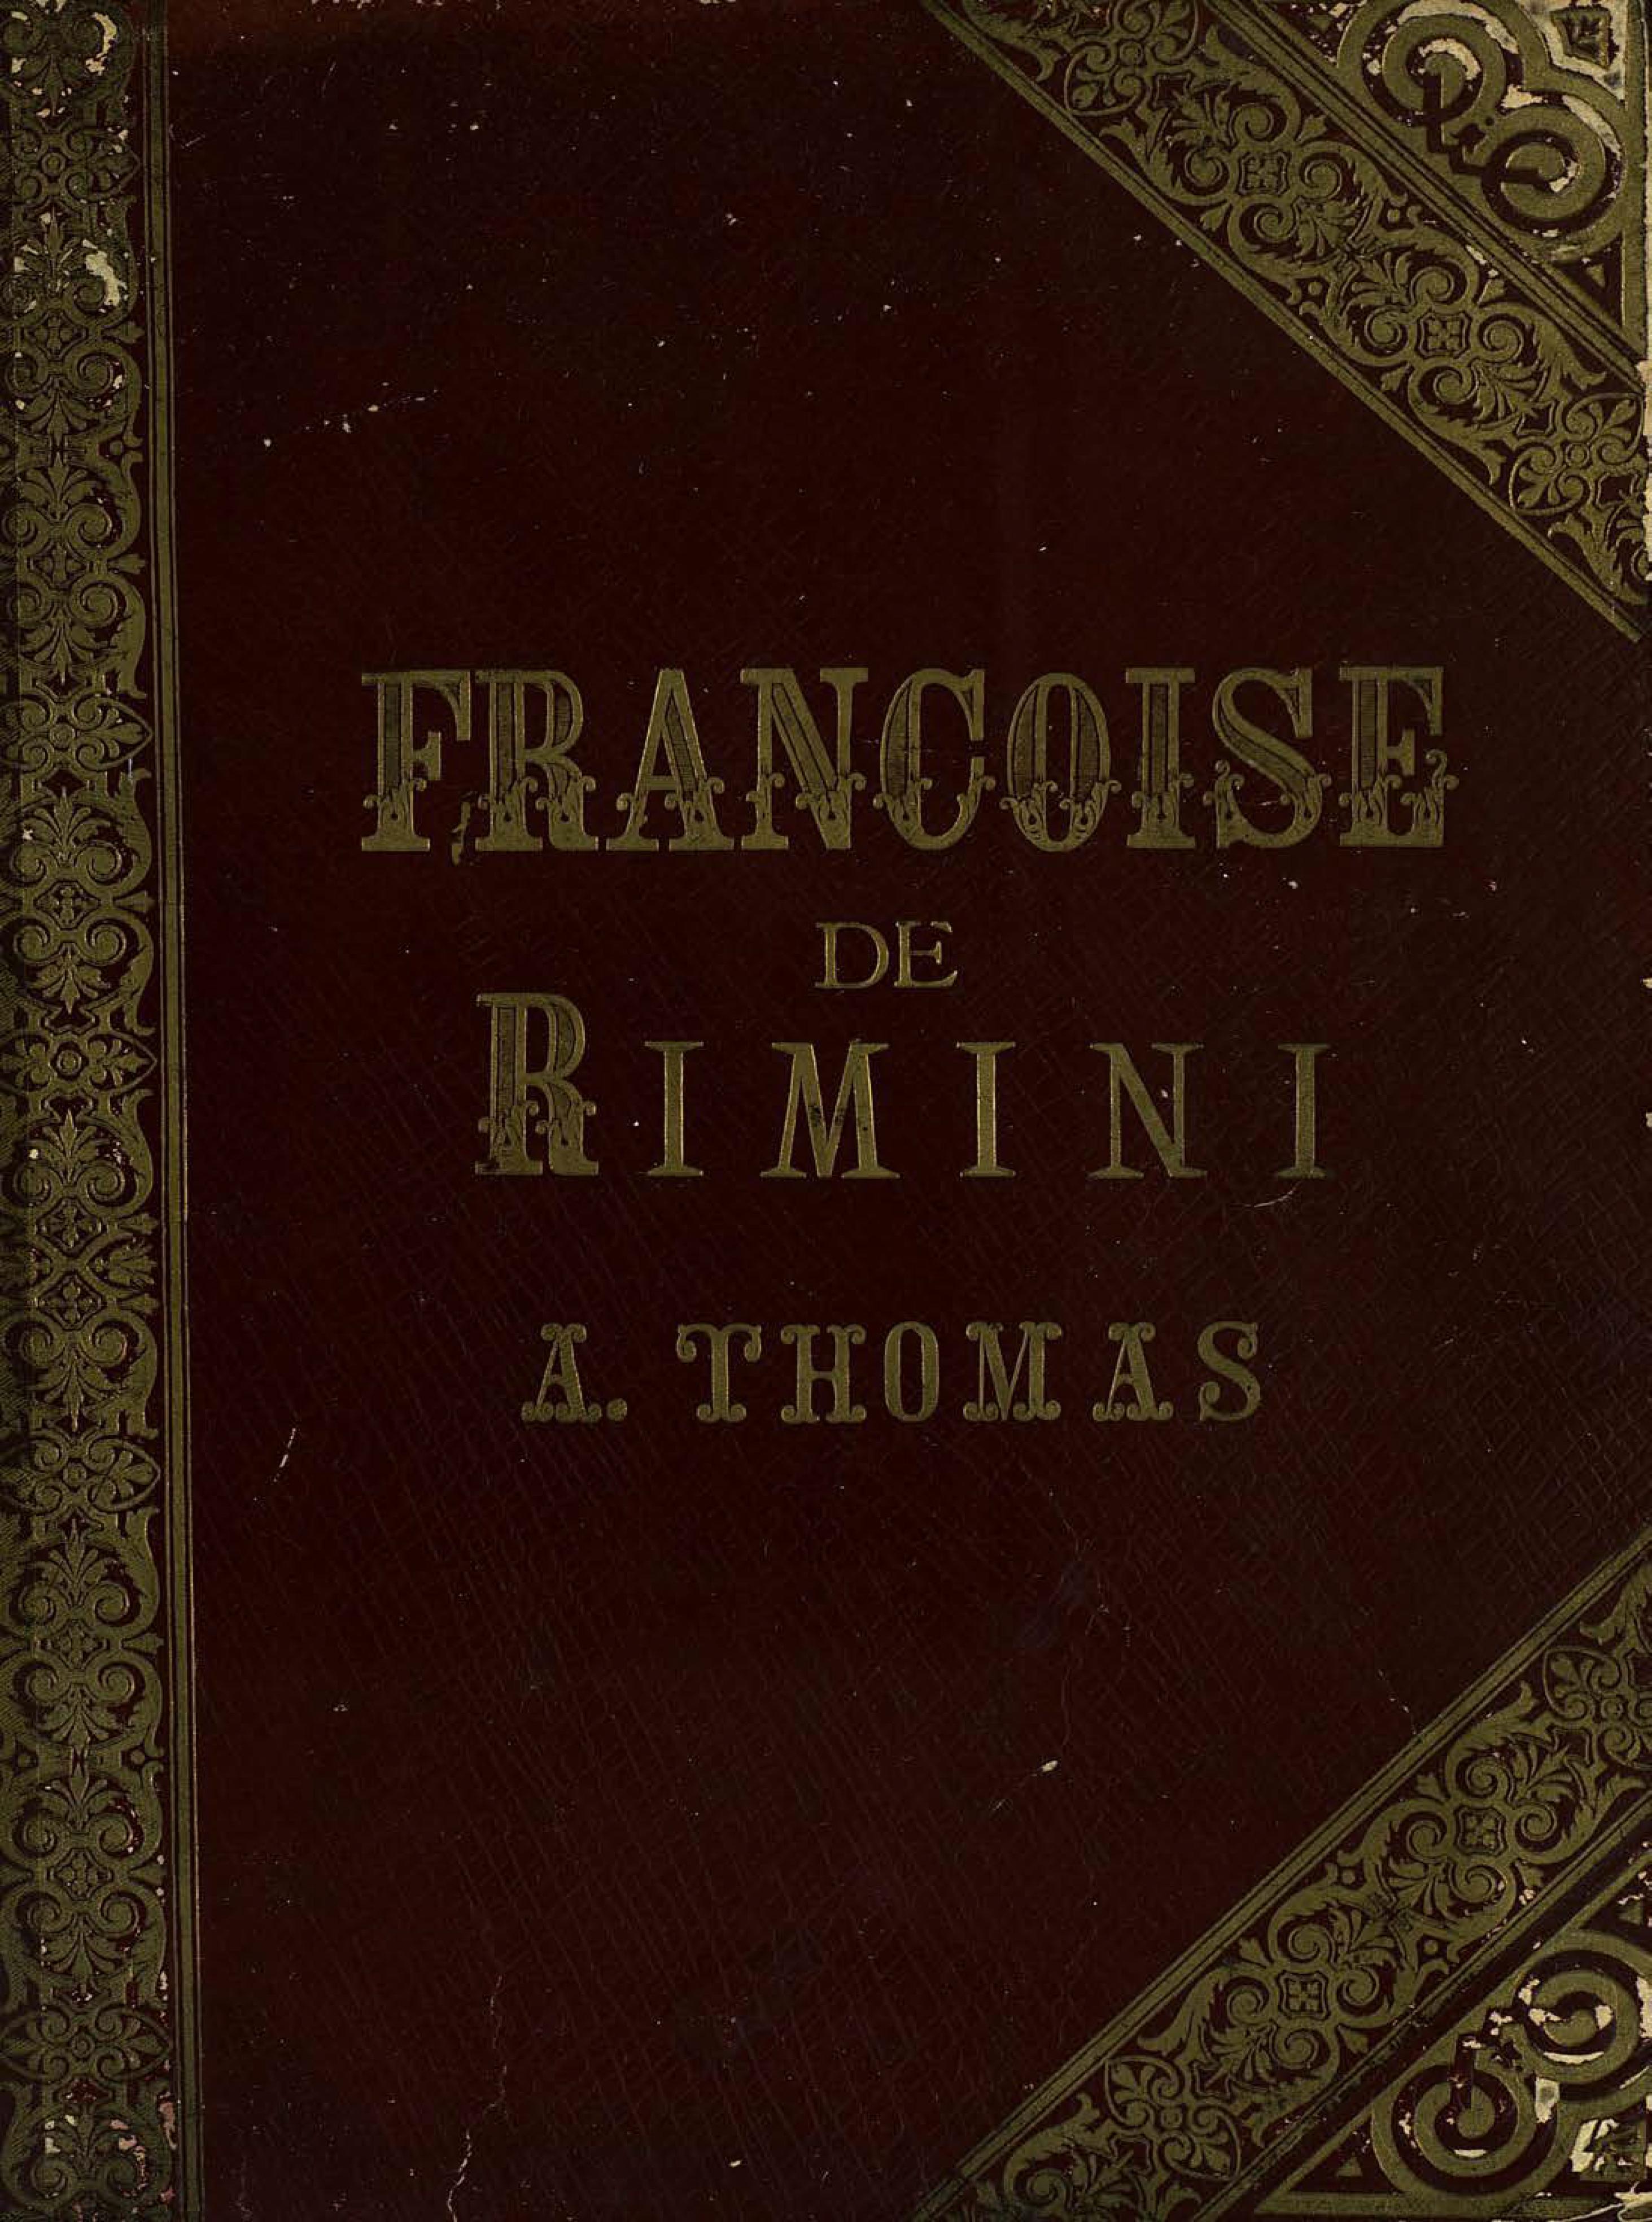 Шарль Луи Амбруаз Тома Francoise de Rimini